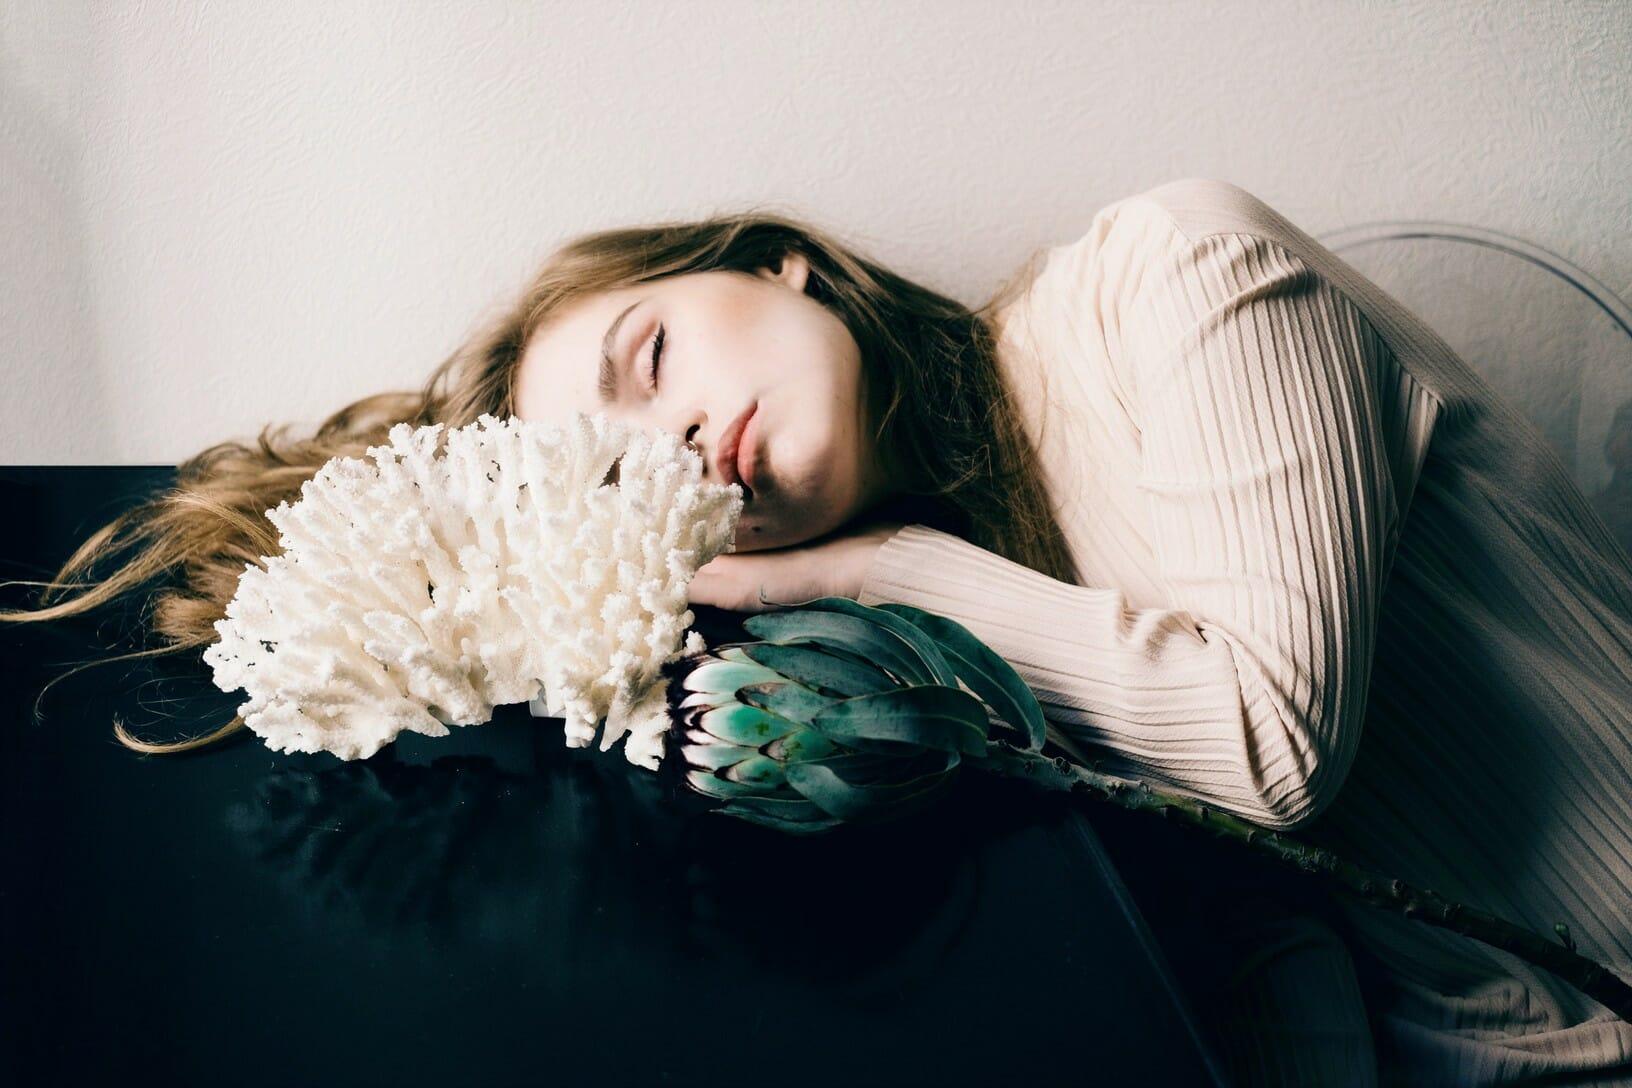 Photographie réalisée par Polina Washington illustrant une jeune femme endormie